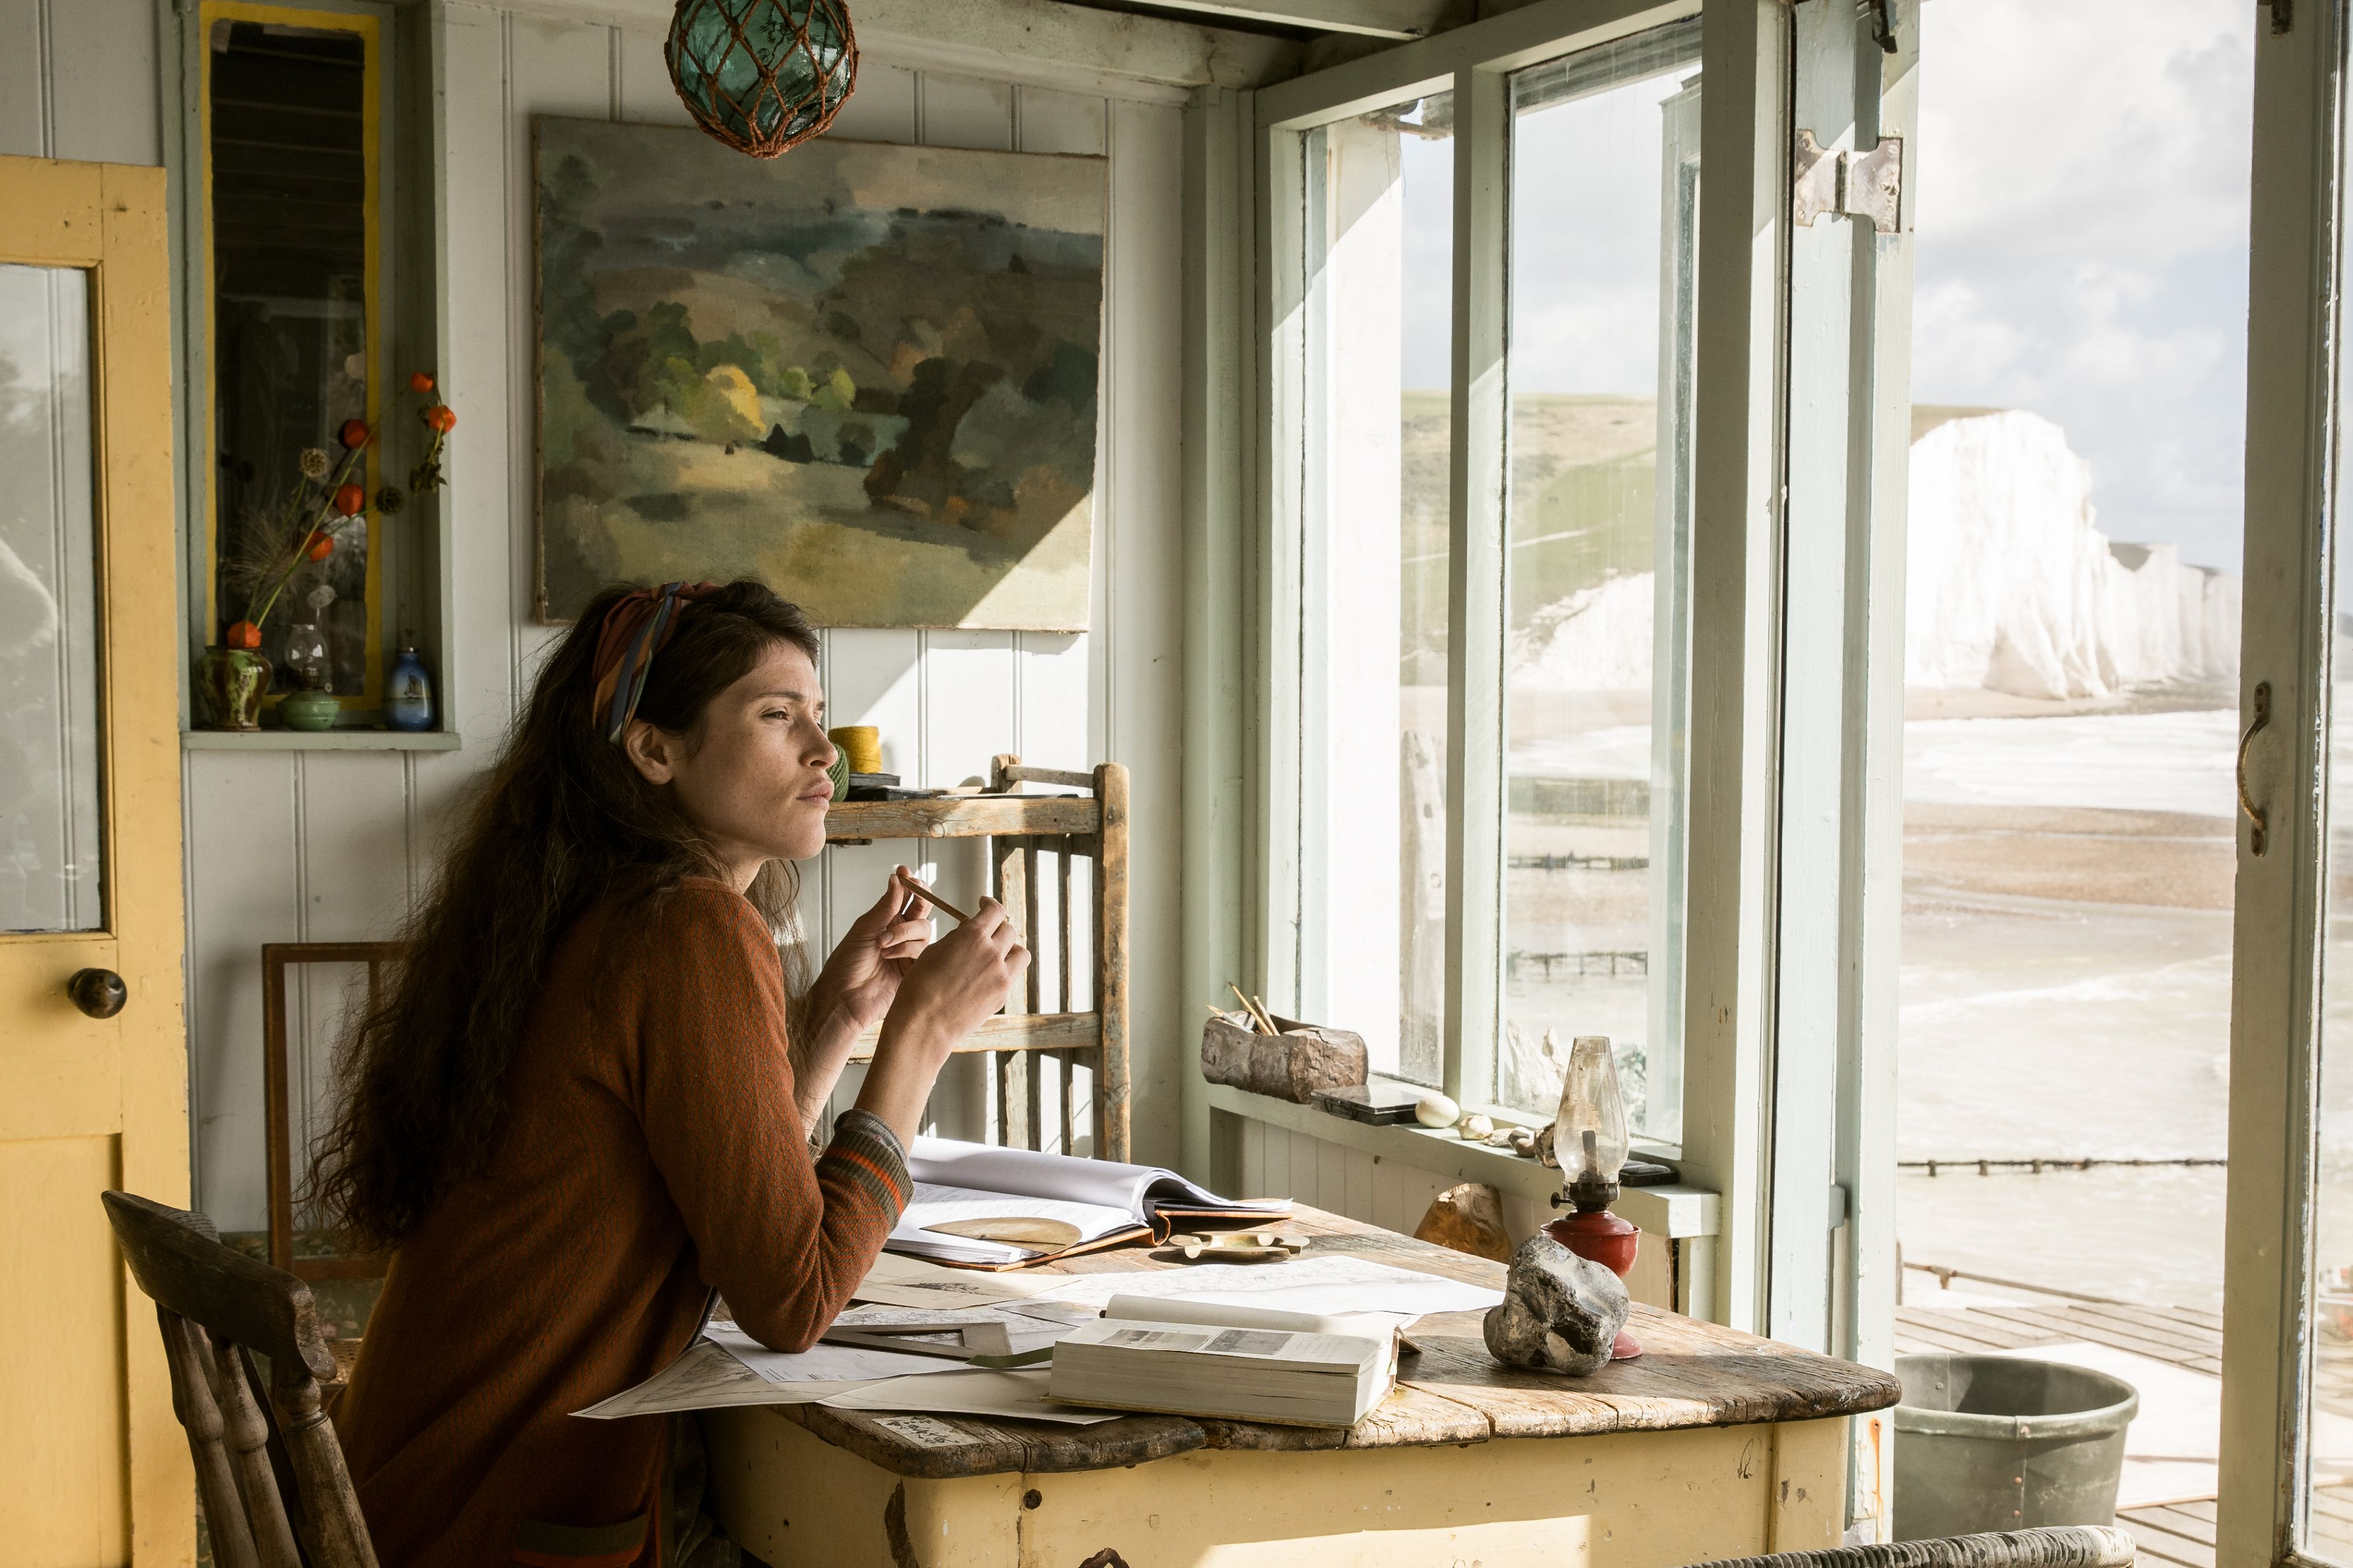 《戀夏時光》劇照02  潔瑪雅特頓入住綺拉奈特莉《贖罪》浪漫海濱小屋